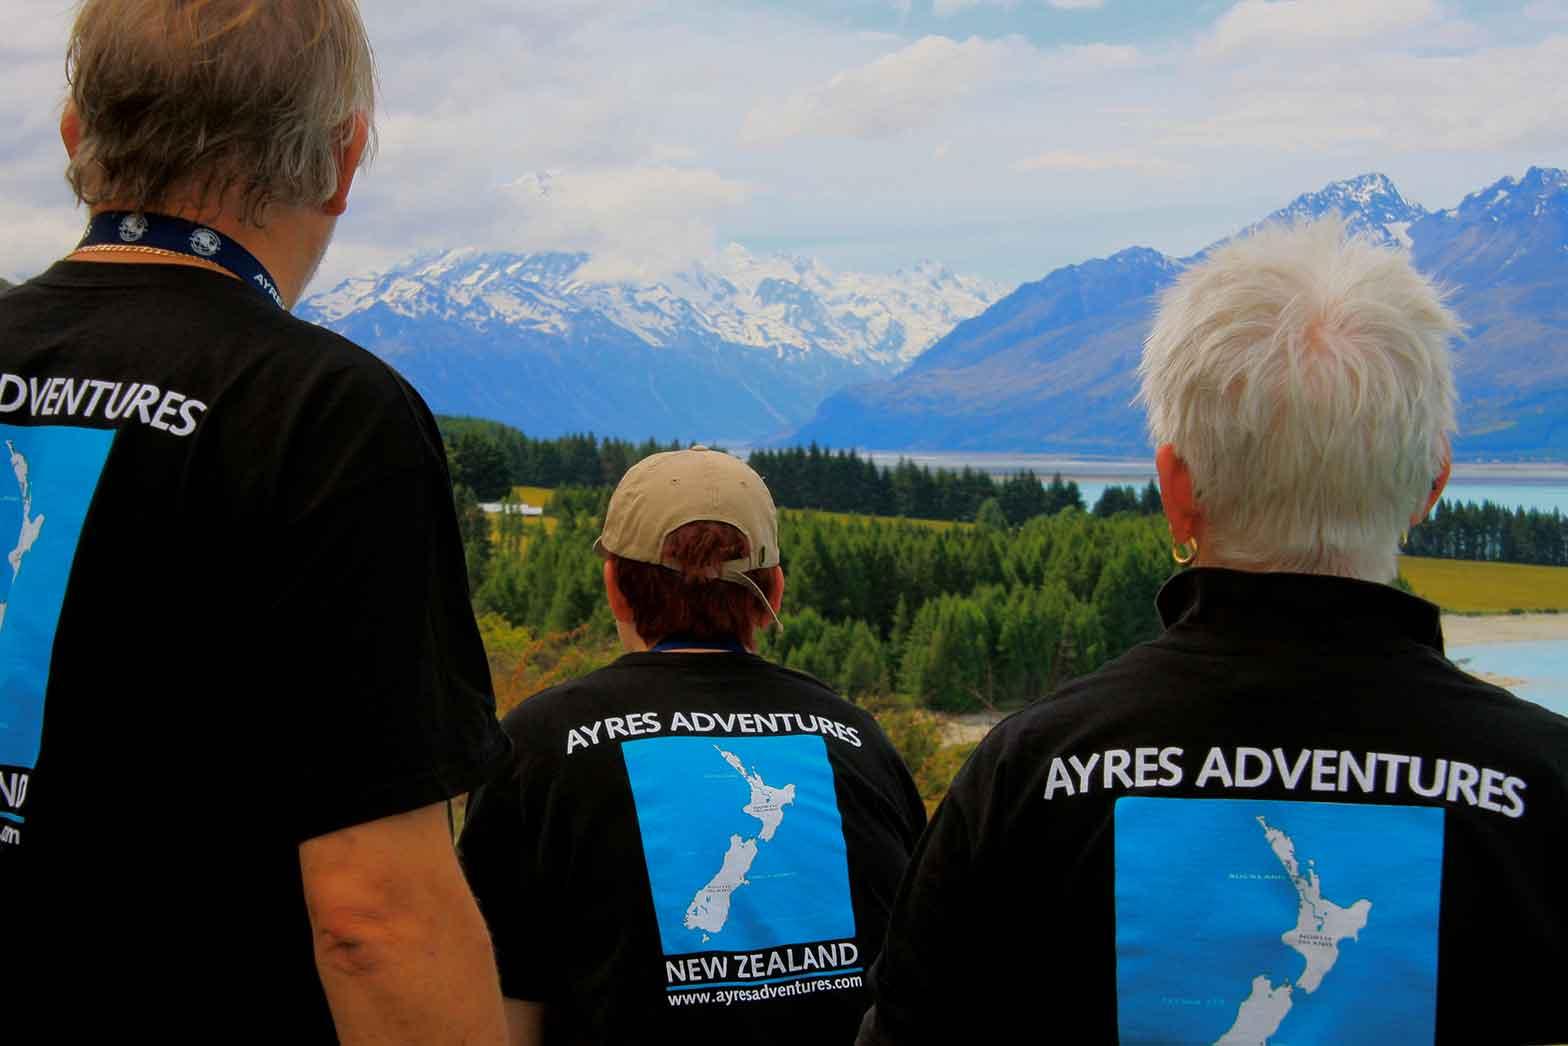 New Zealand tees